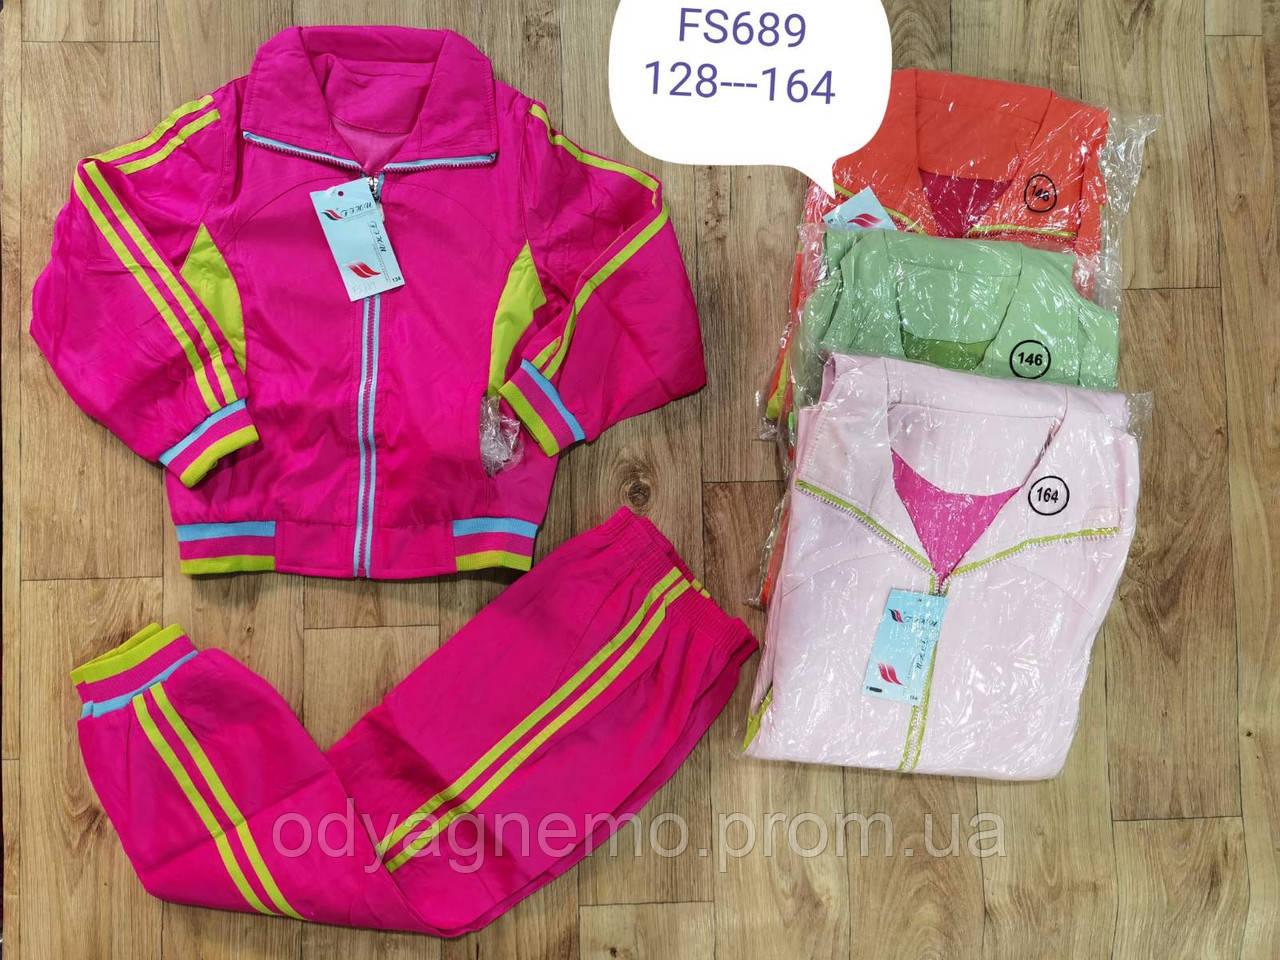 Спортивний костюм для дівчаток FIHU, 128-164 pp. Артикул: FS689